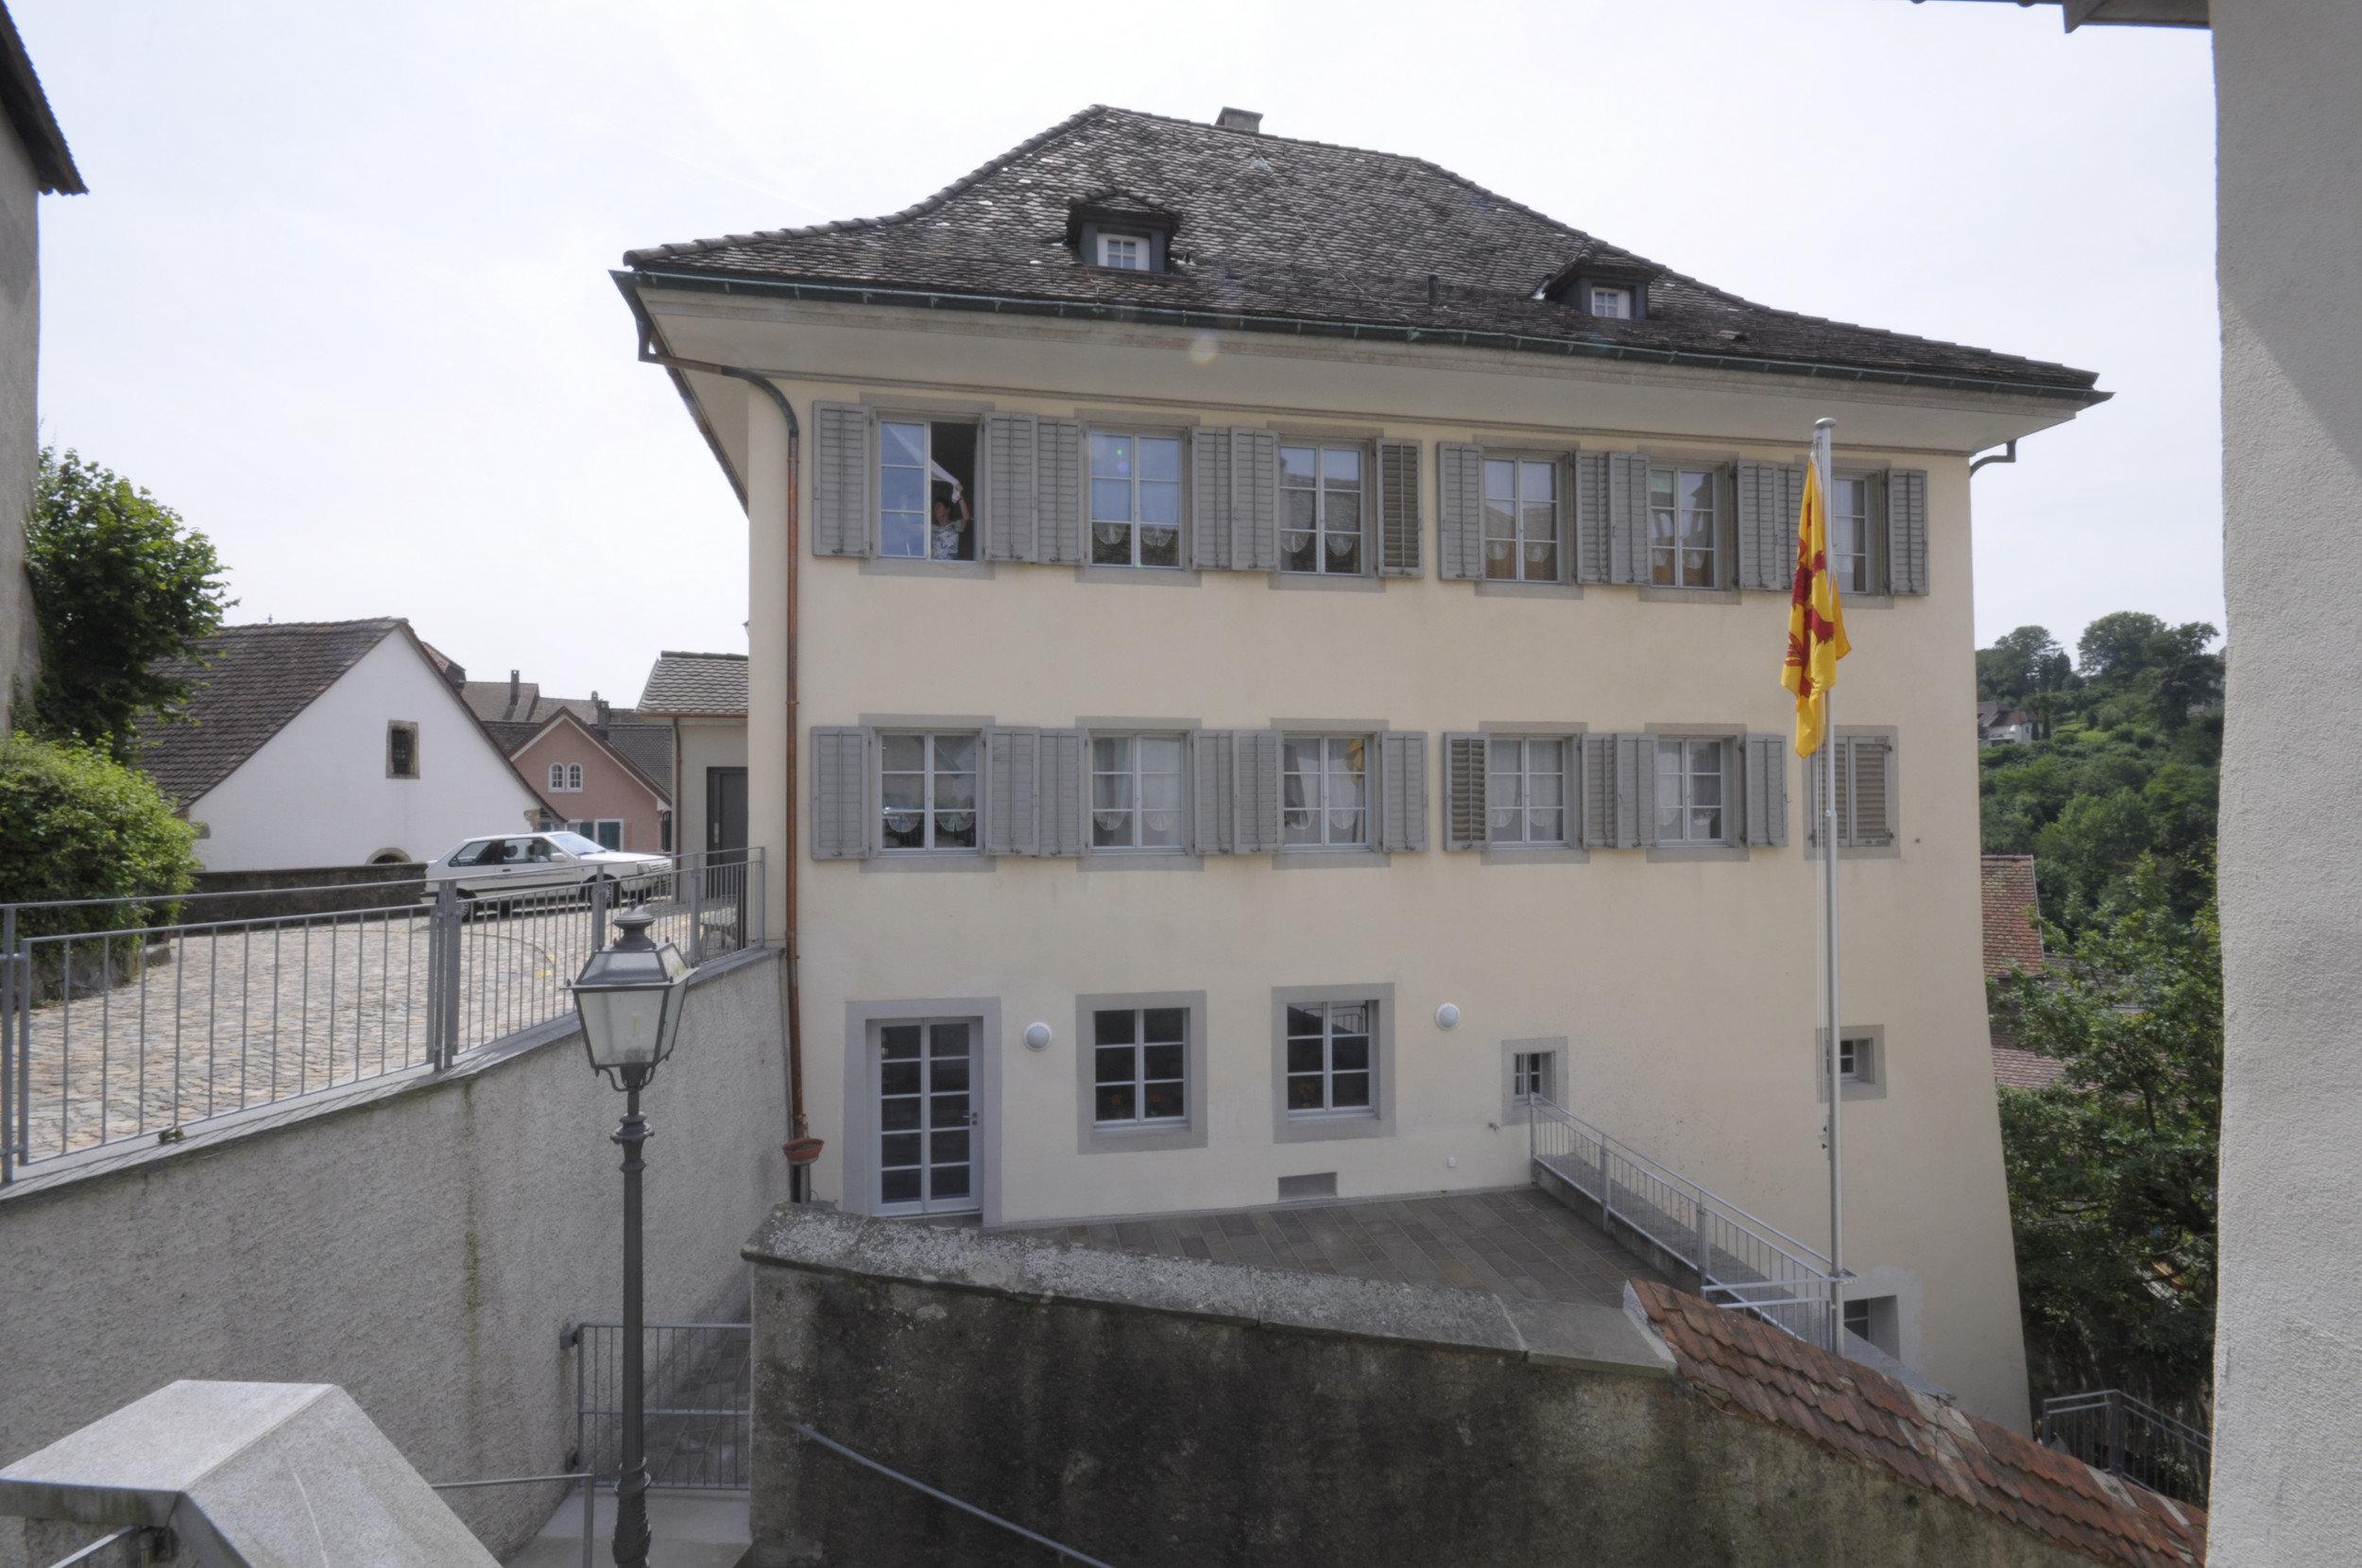 Historisches Pfarrgebäude mit Fenster und Läden